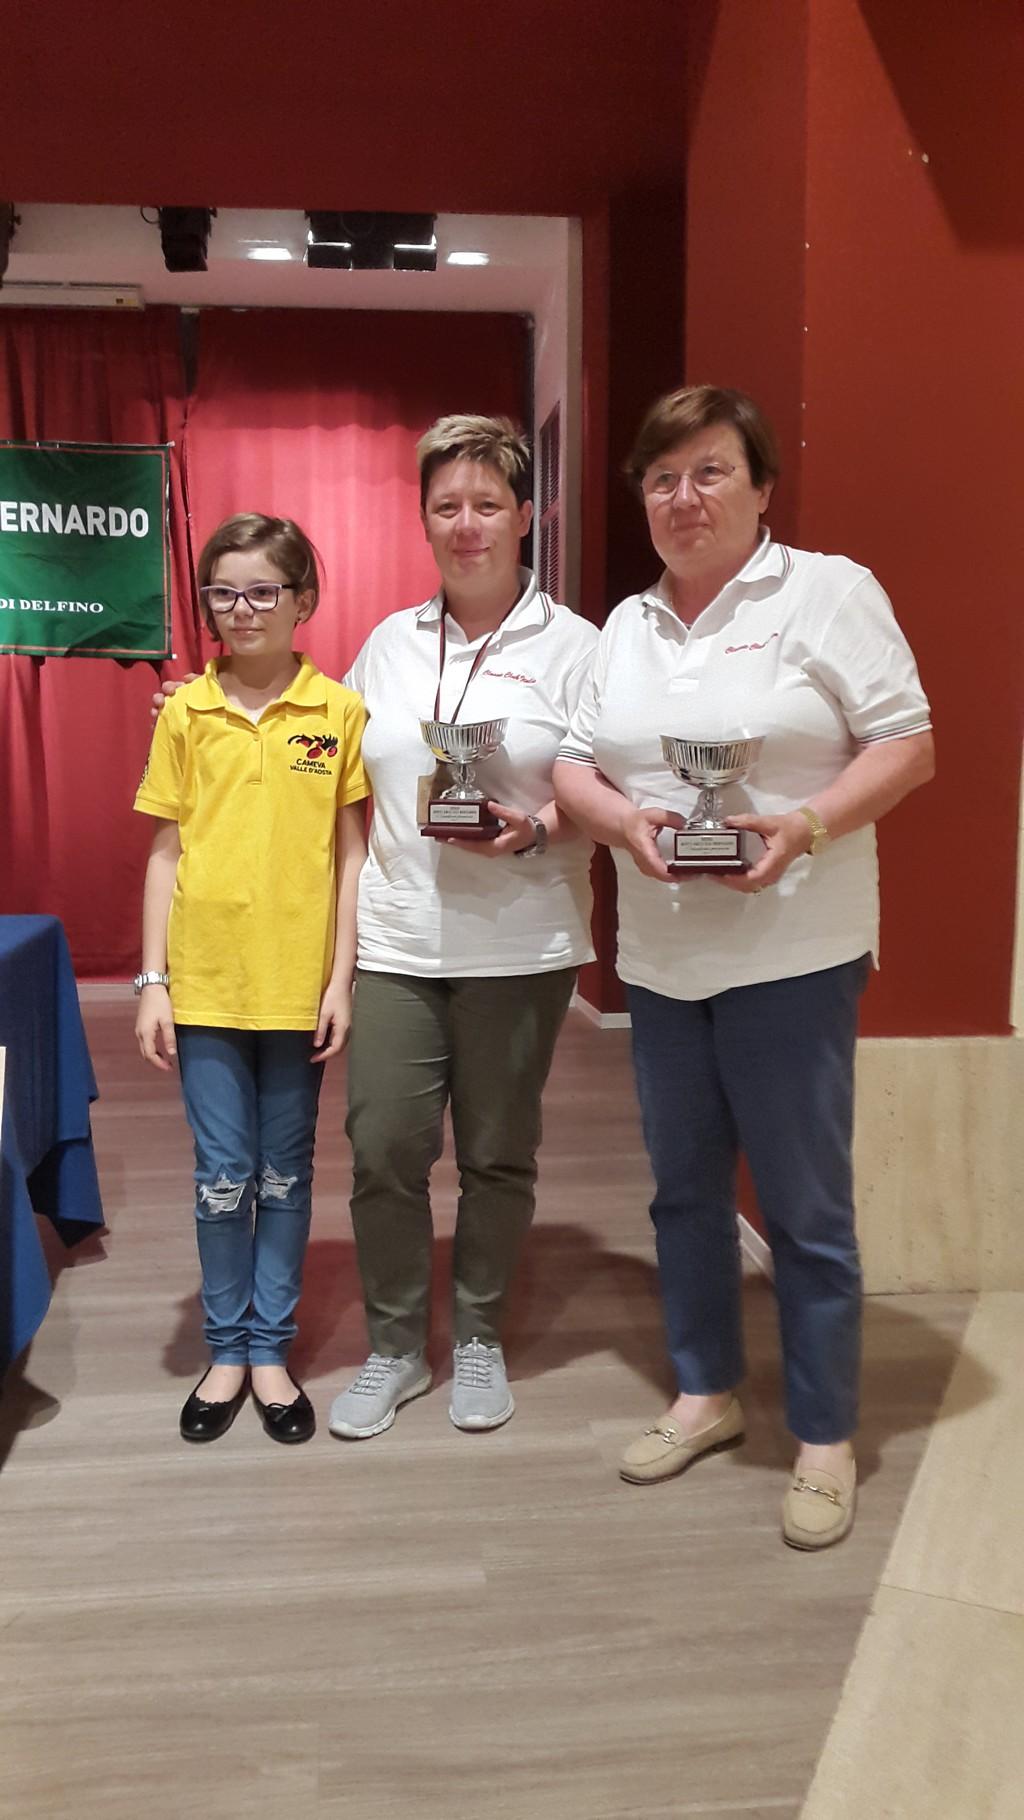 regolarita-2017-aosta-premio